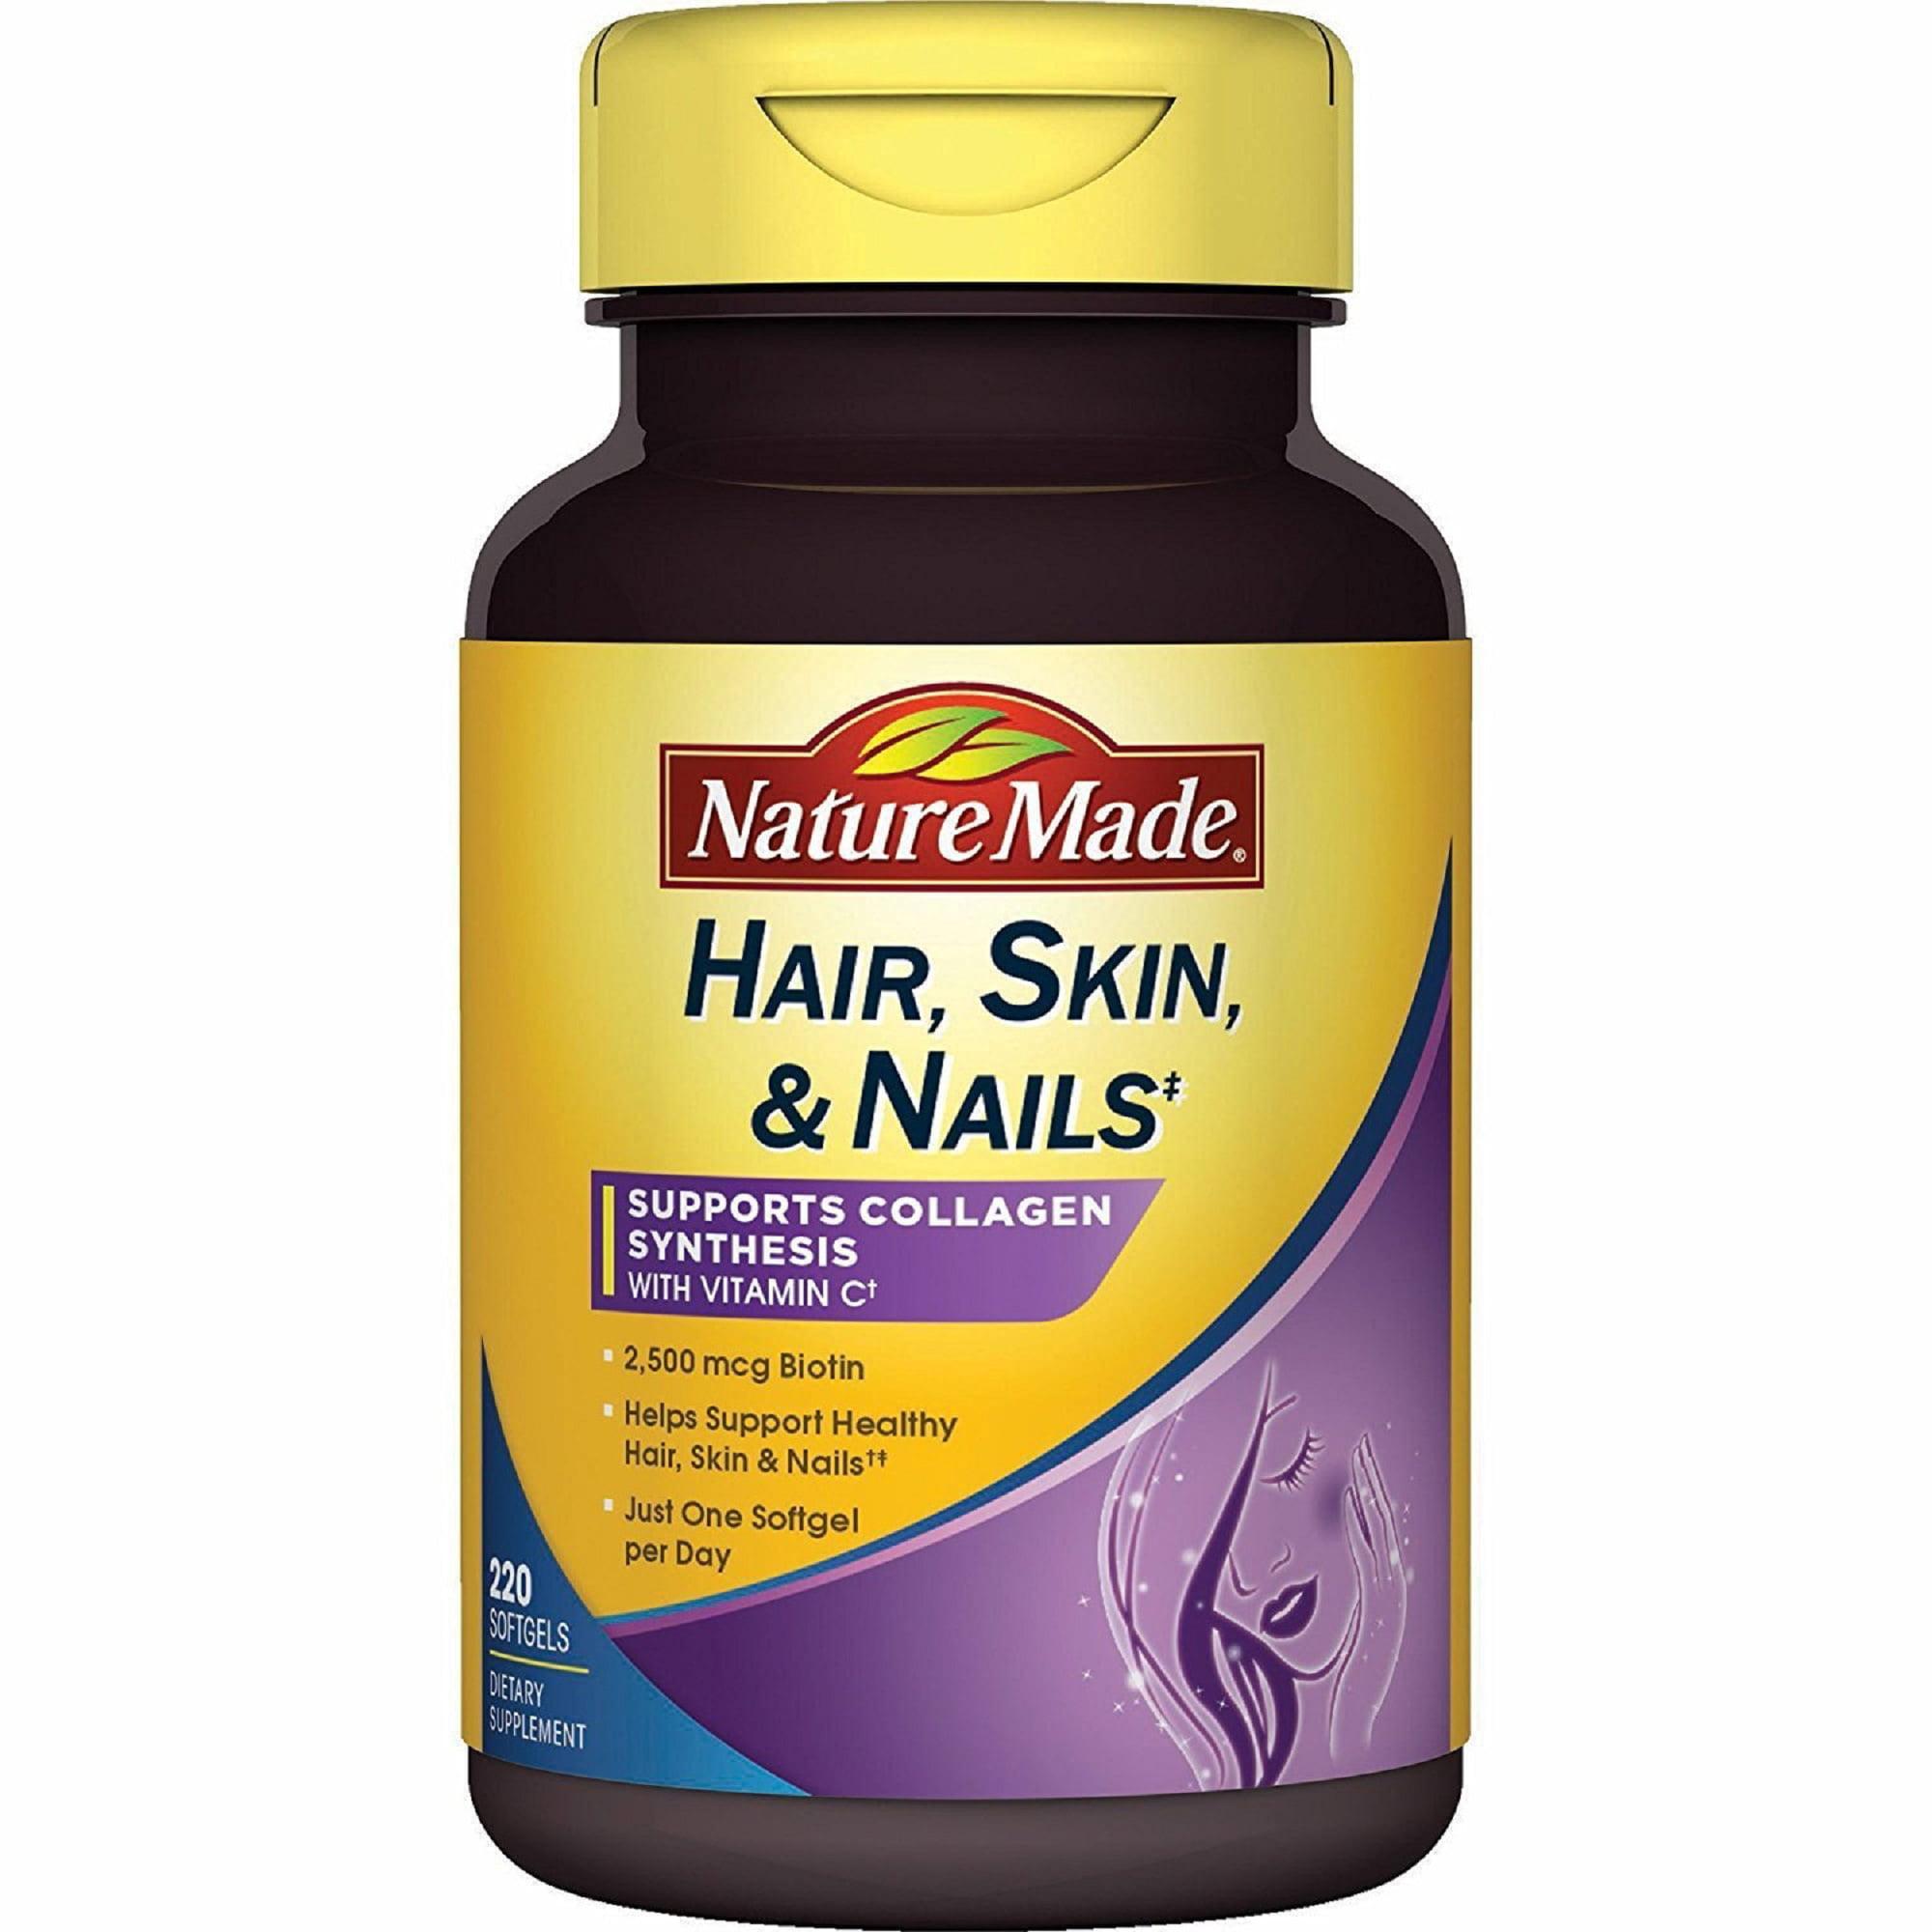 Nature Made Hair, Skin, Nails - 220 Softgels